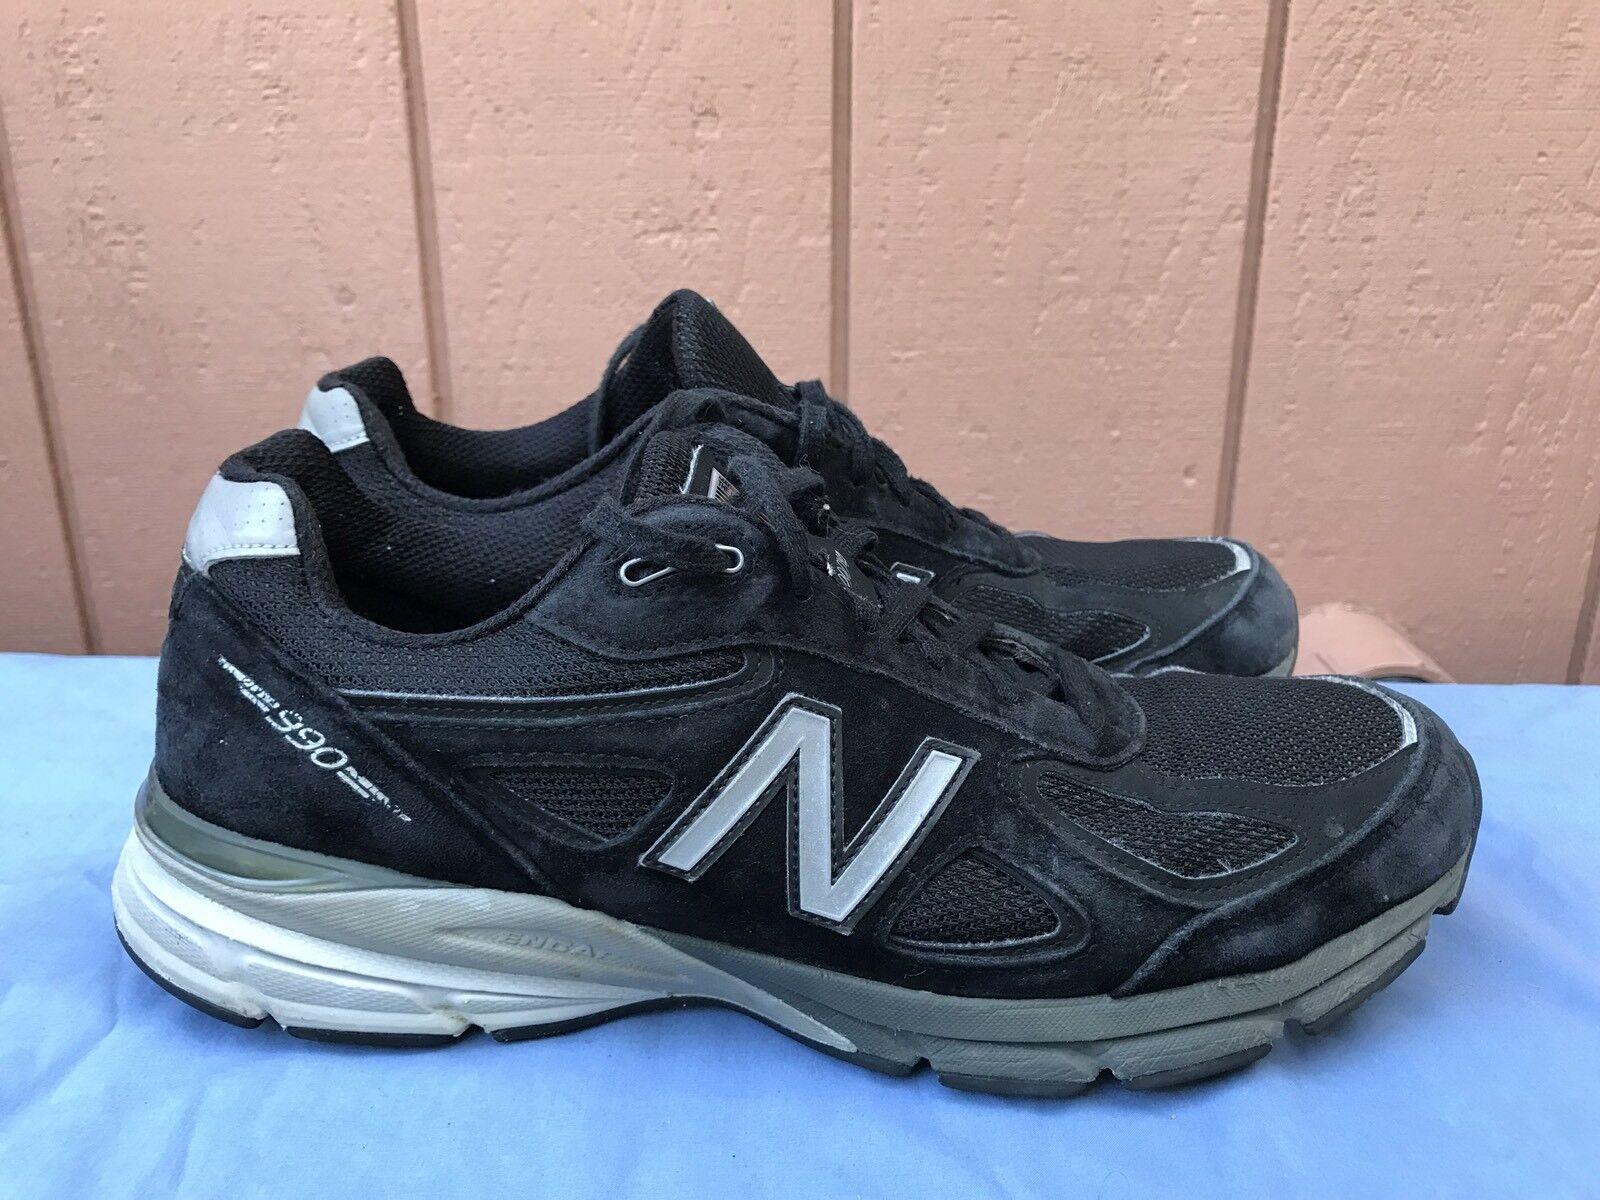 New Balance hombres nosotros 12D v4 Corriendo zapatos A5 negro / blanco mbk4 A5 zapatos 741867